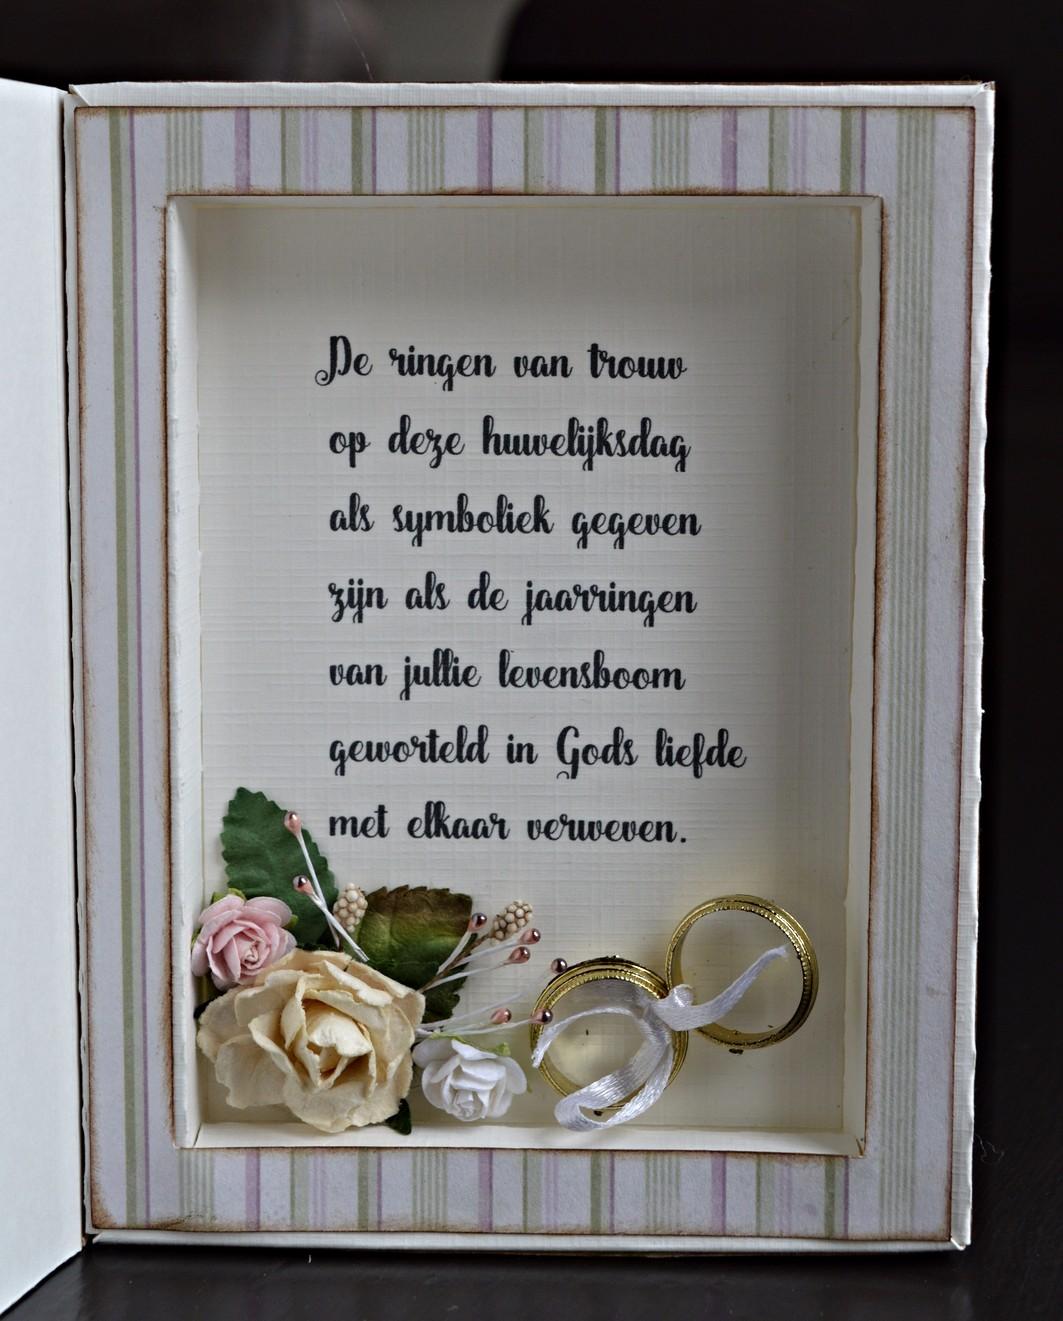 huwelijkskaarten 40 jaar getrouwd Marja's Hobbyhuis: 40 jaar getrouwd huwelijkskaarten 40 jaar getrouwd